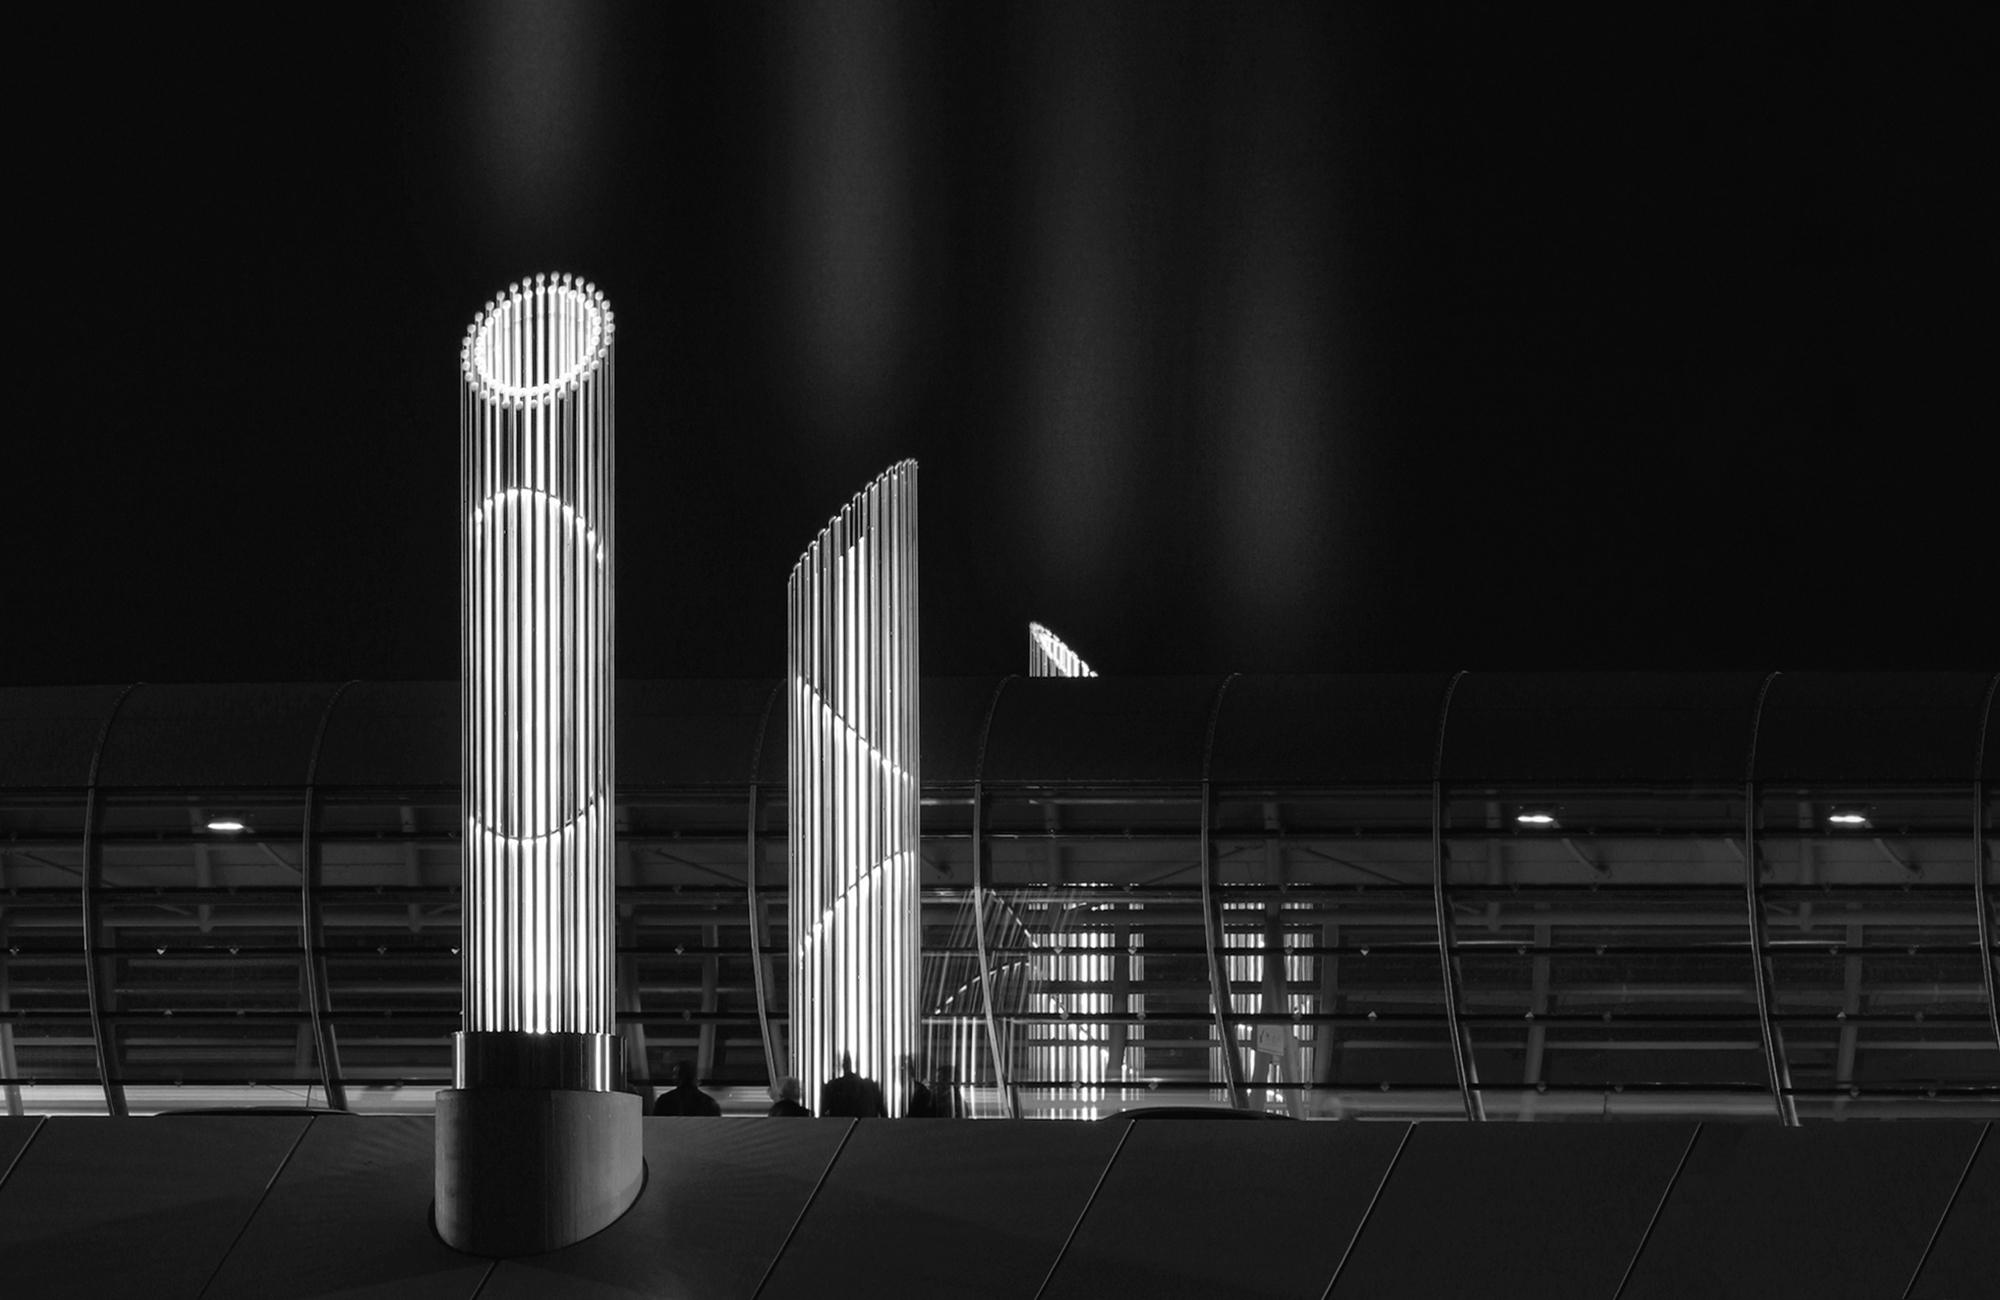 Platz der Vereinten Nationen